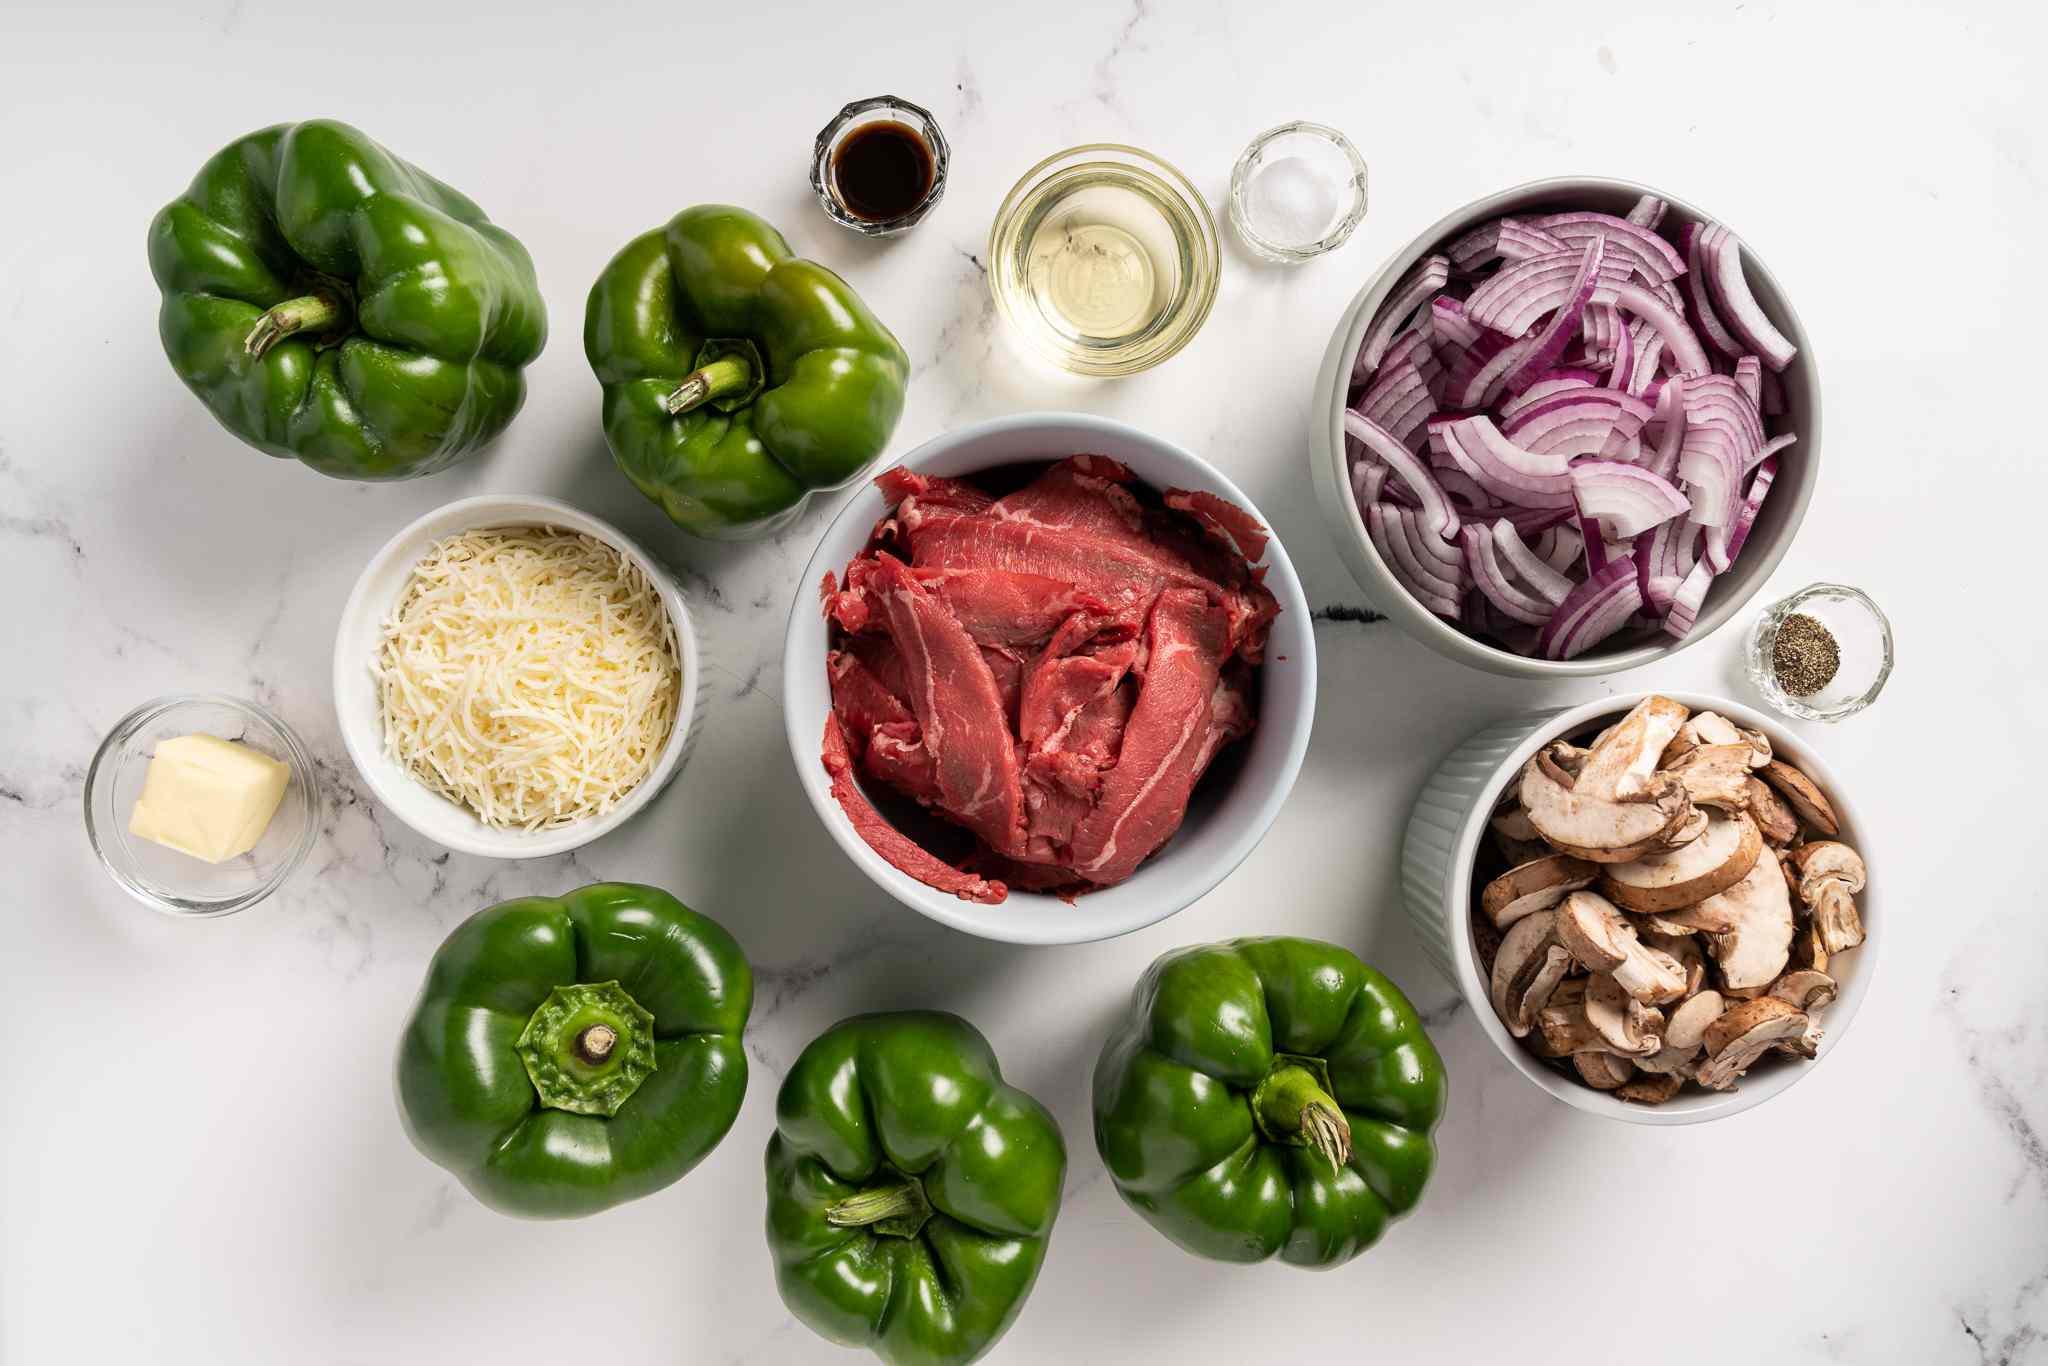 Cheesesteak Stuffed Peppers ingredients